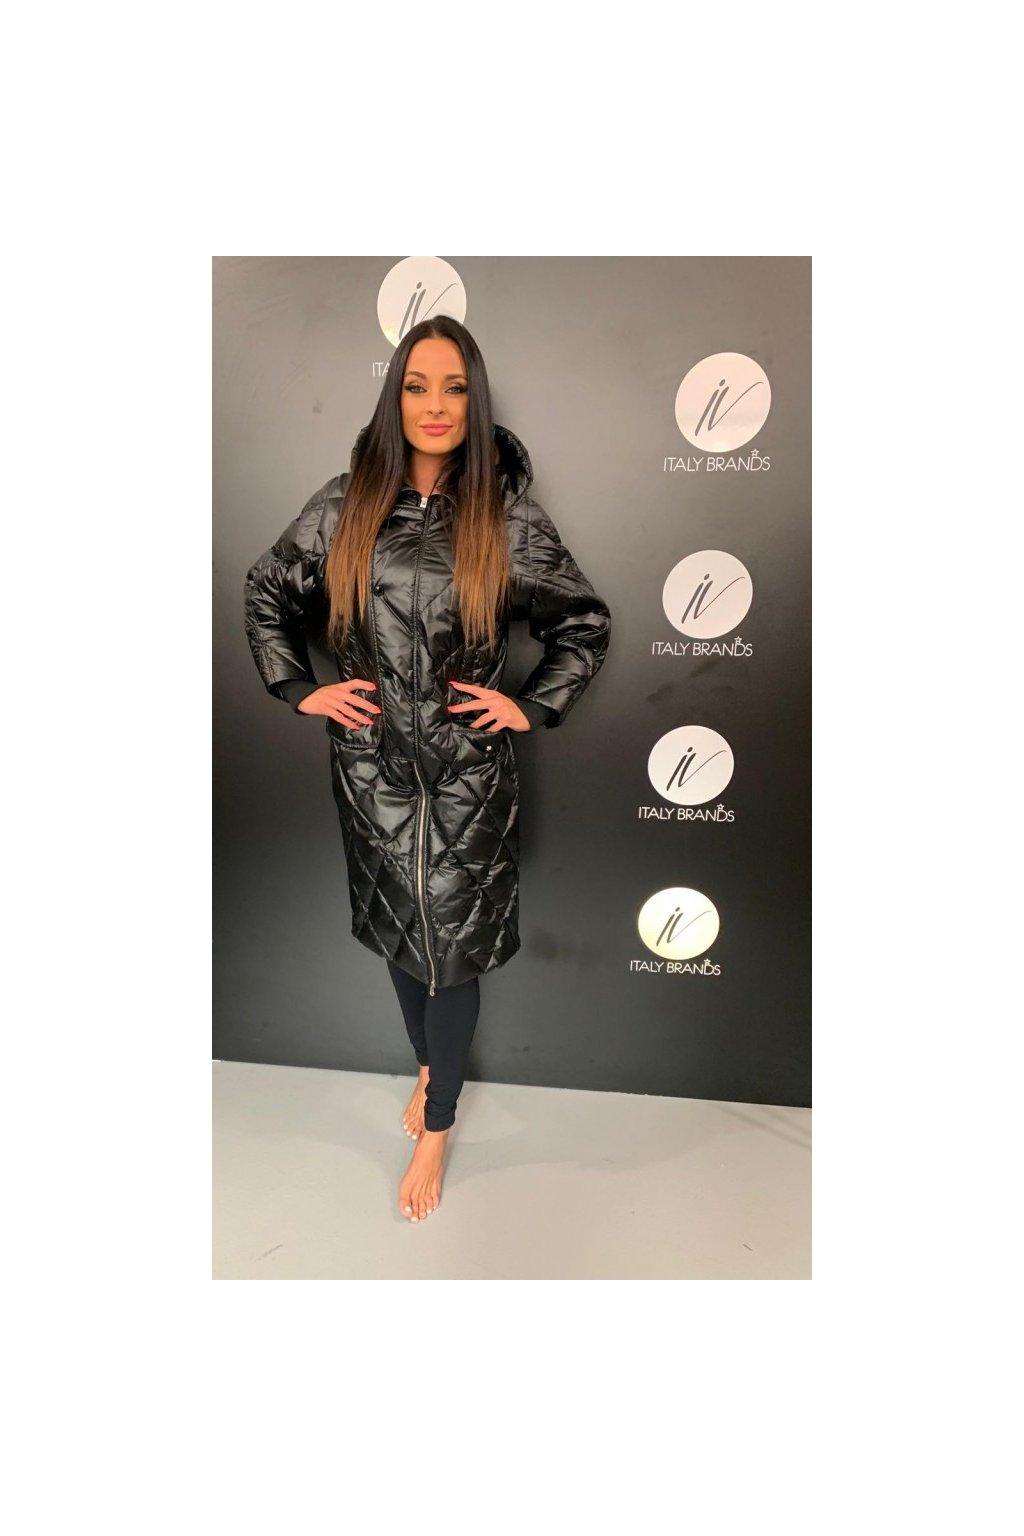 Péřový kabát, Silvian Heach - černý (Velikost Velikost S)